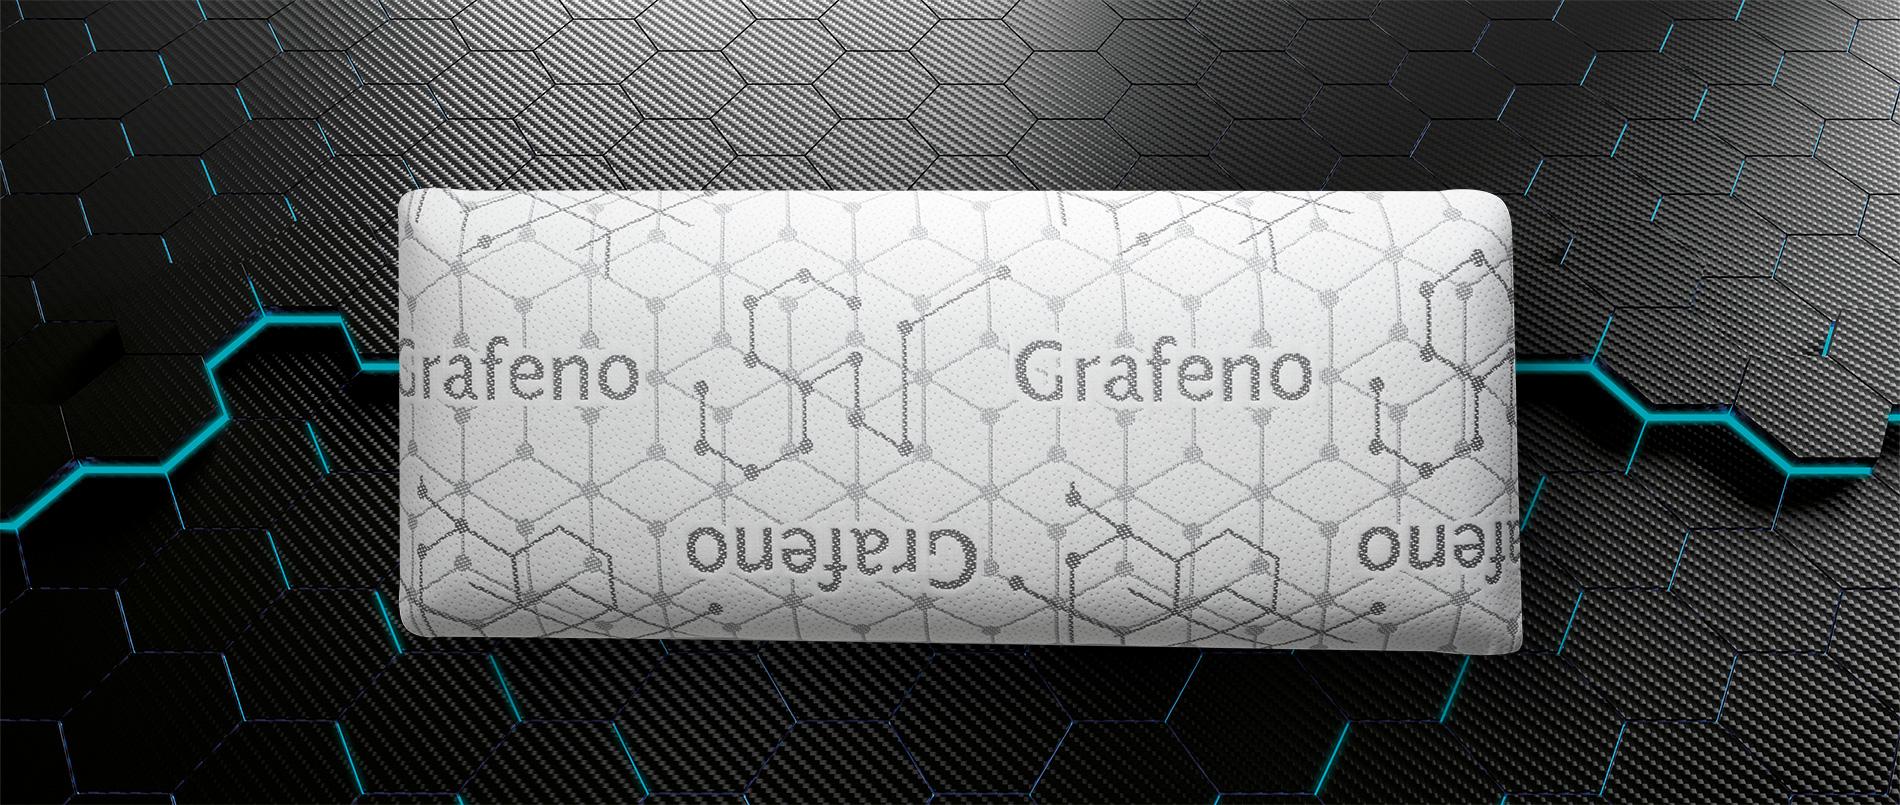 LUFTHOUS - ALMOHADA MEMORY LUXE PREMIUM GRAFENO - PRODUCTOS LUFTHOUS